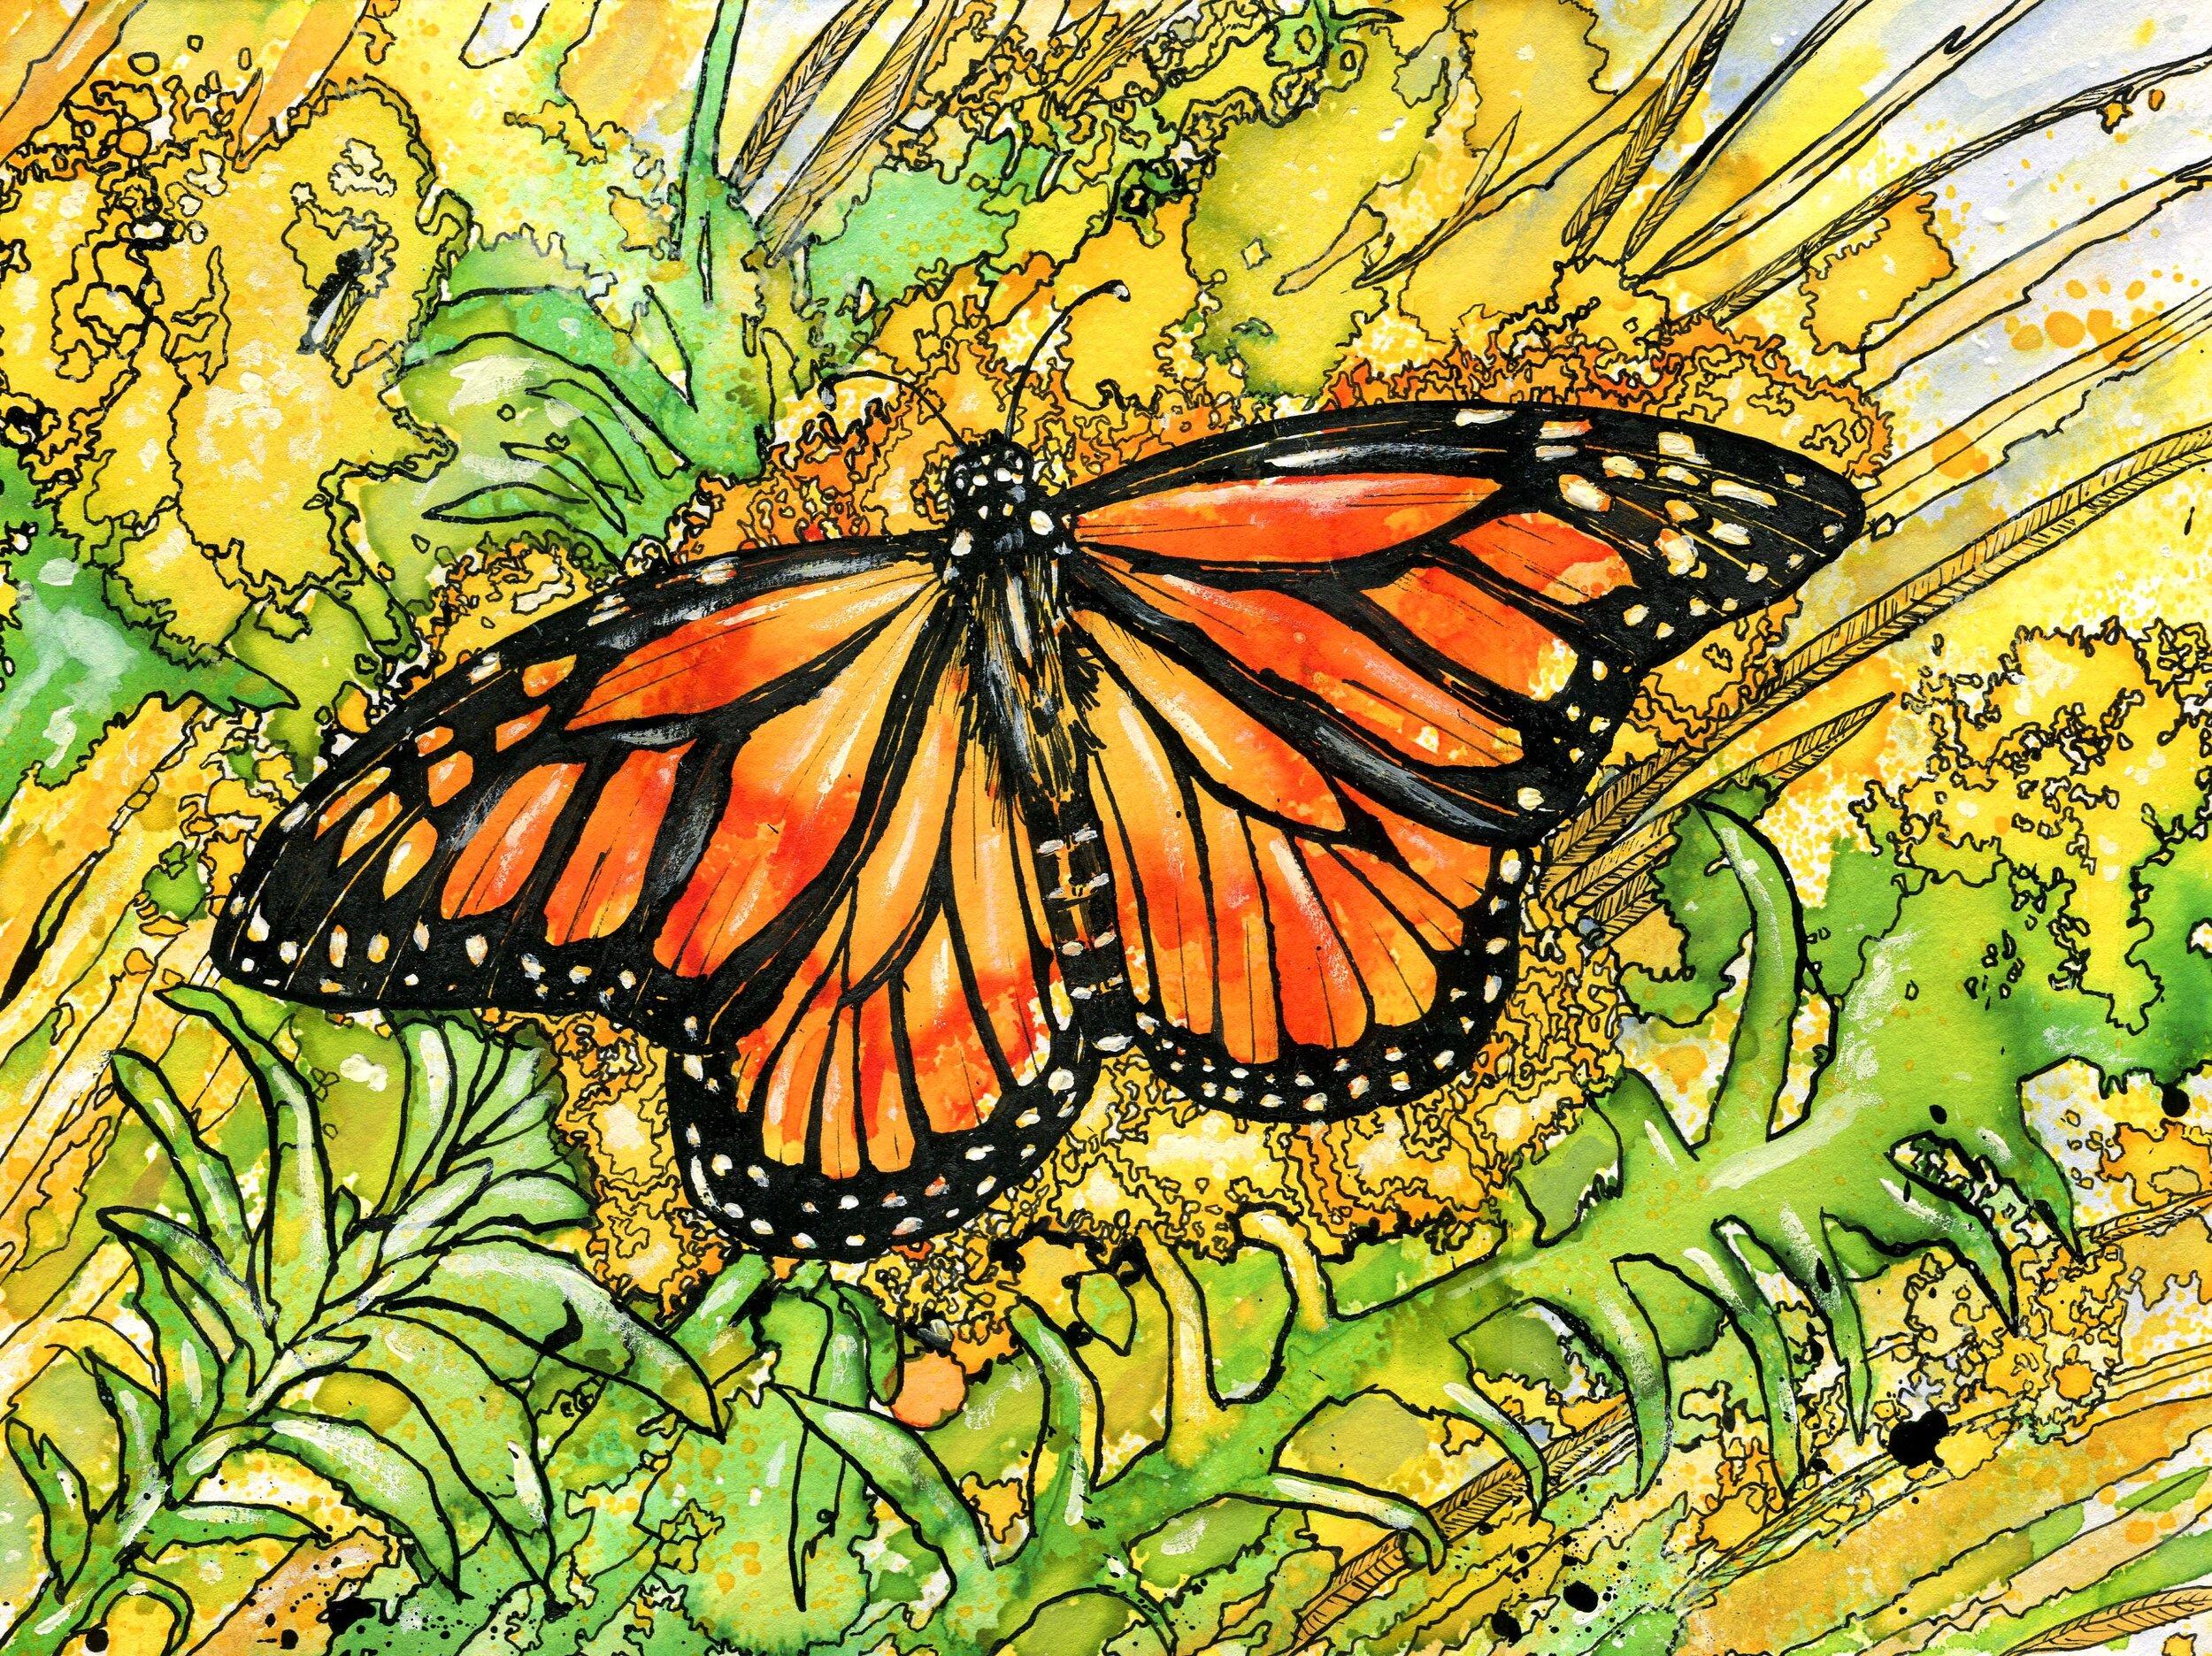 A Golden Monarch